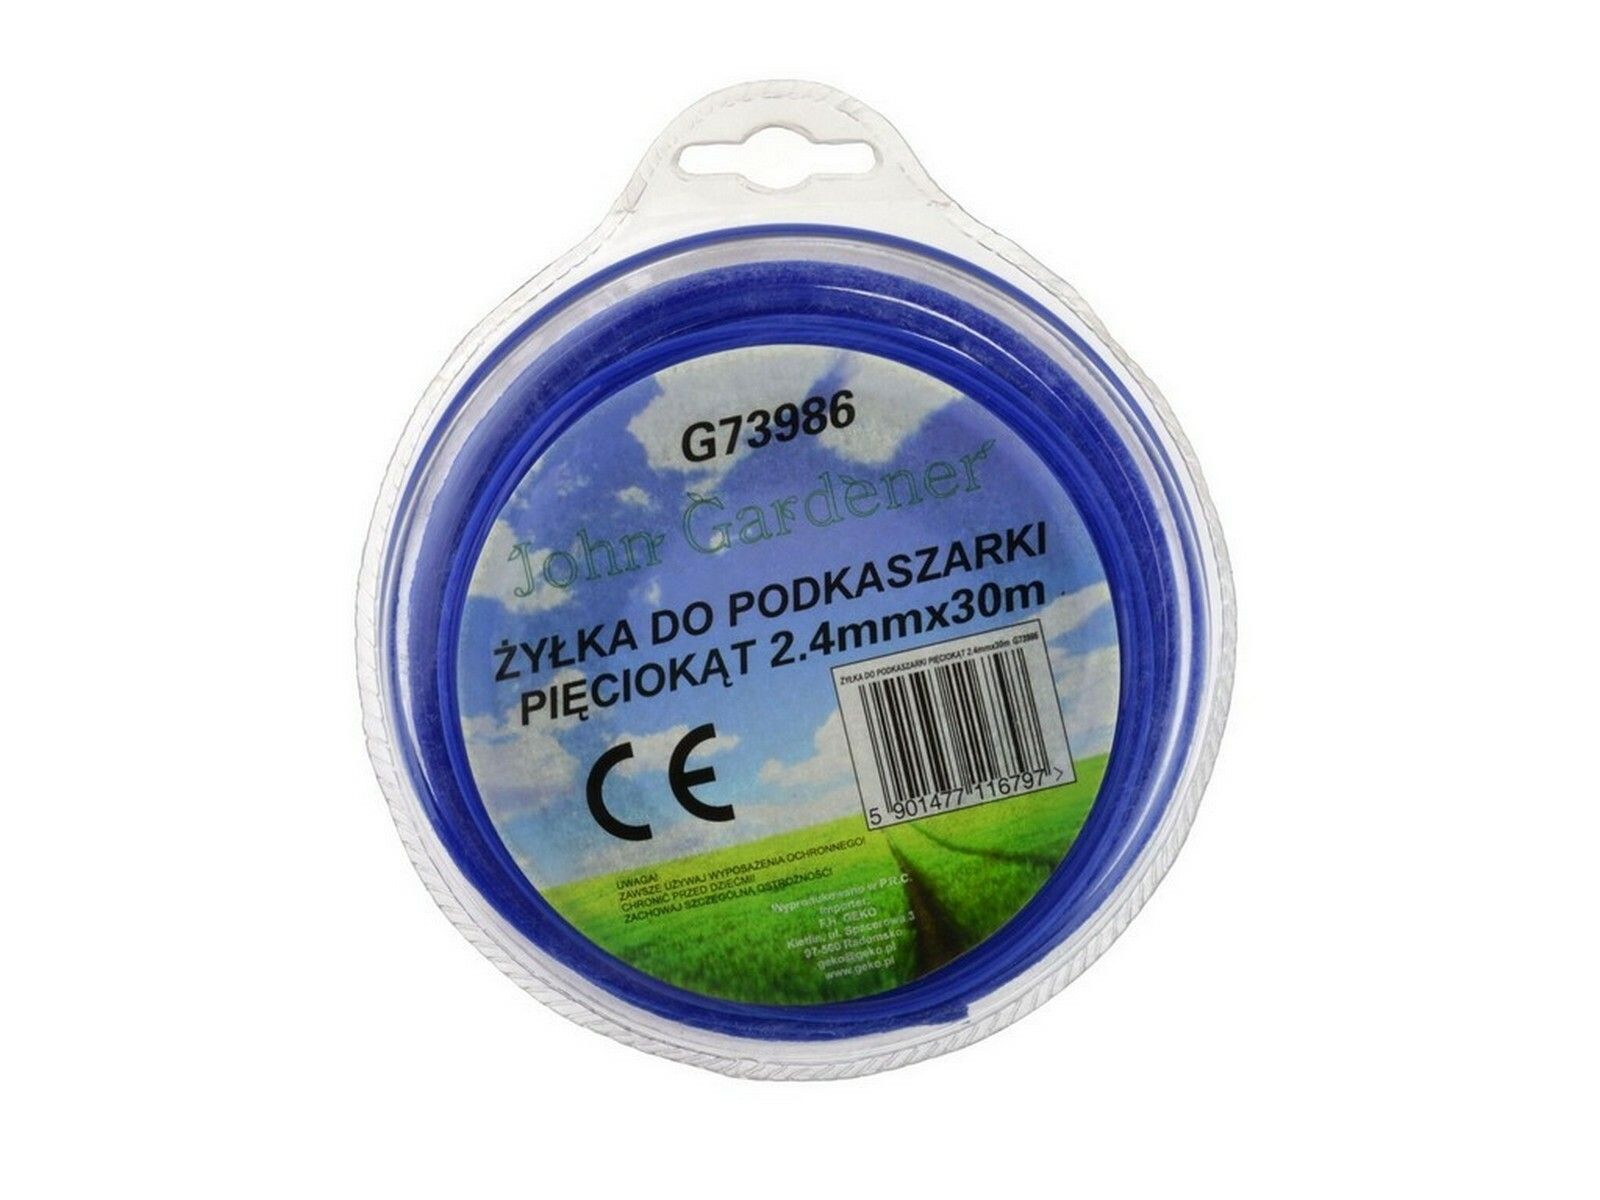 Struna do sekačky modrá, 2,4mm, 30m, hvězdivocý profil, nylon GEKO